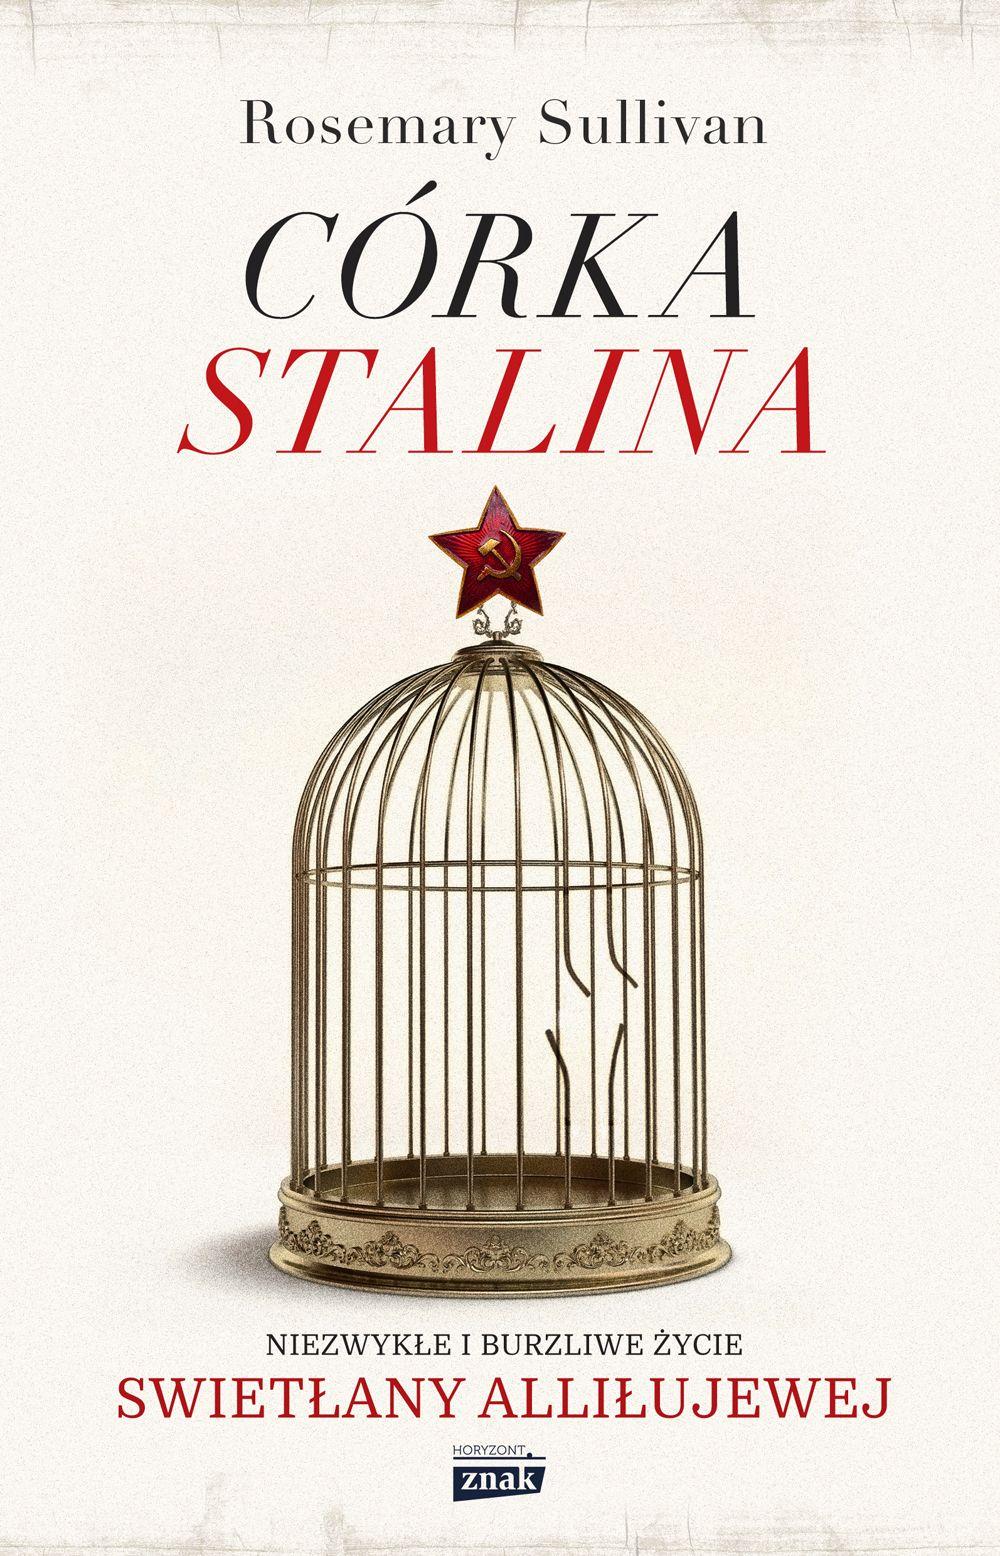 """Artykuł powstał między innymi na podstawie książki Rosemary Sullivan, zatytułowanej """"Córka Stalina. Niezwykłe i burzliwe życie Swietłany Alliłujewej"""" (Znak Horyzont 2017)."""